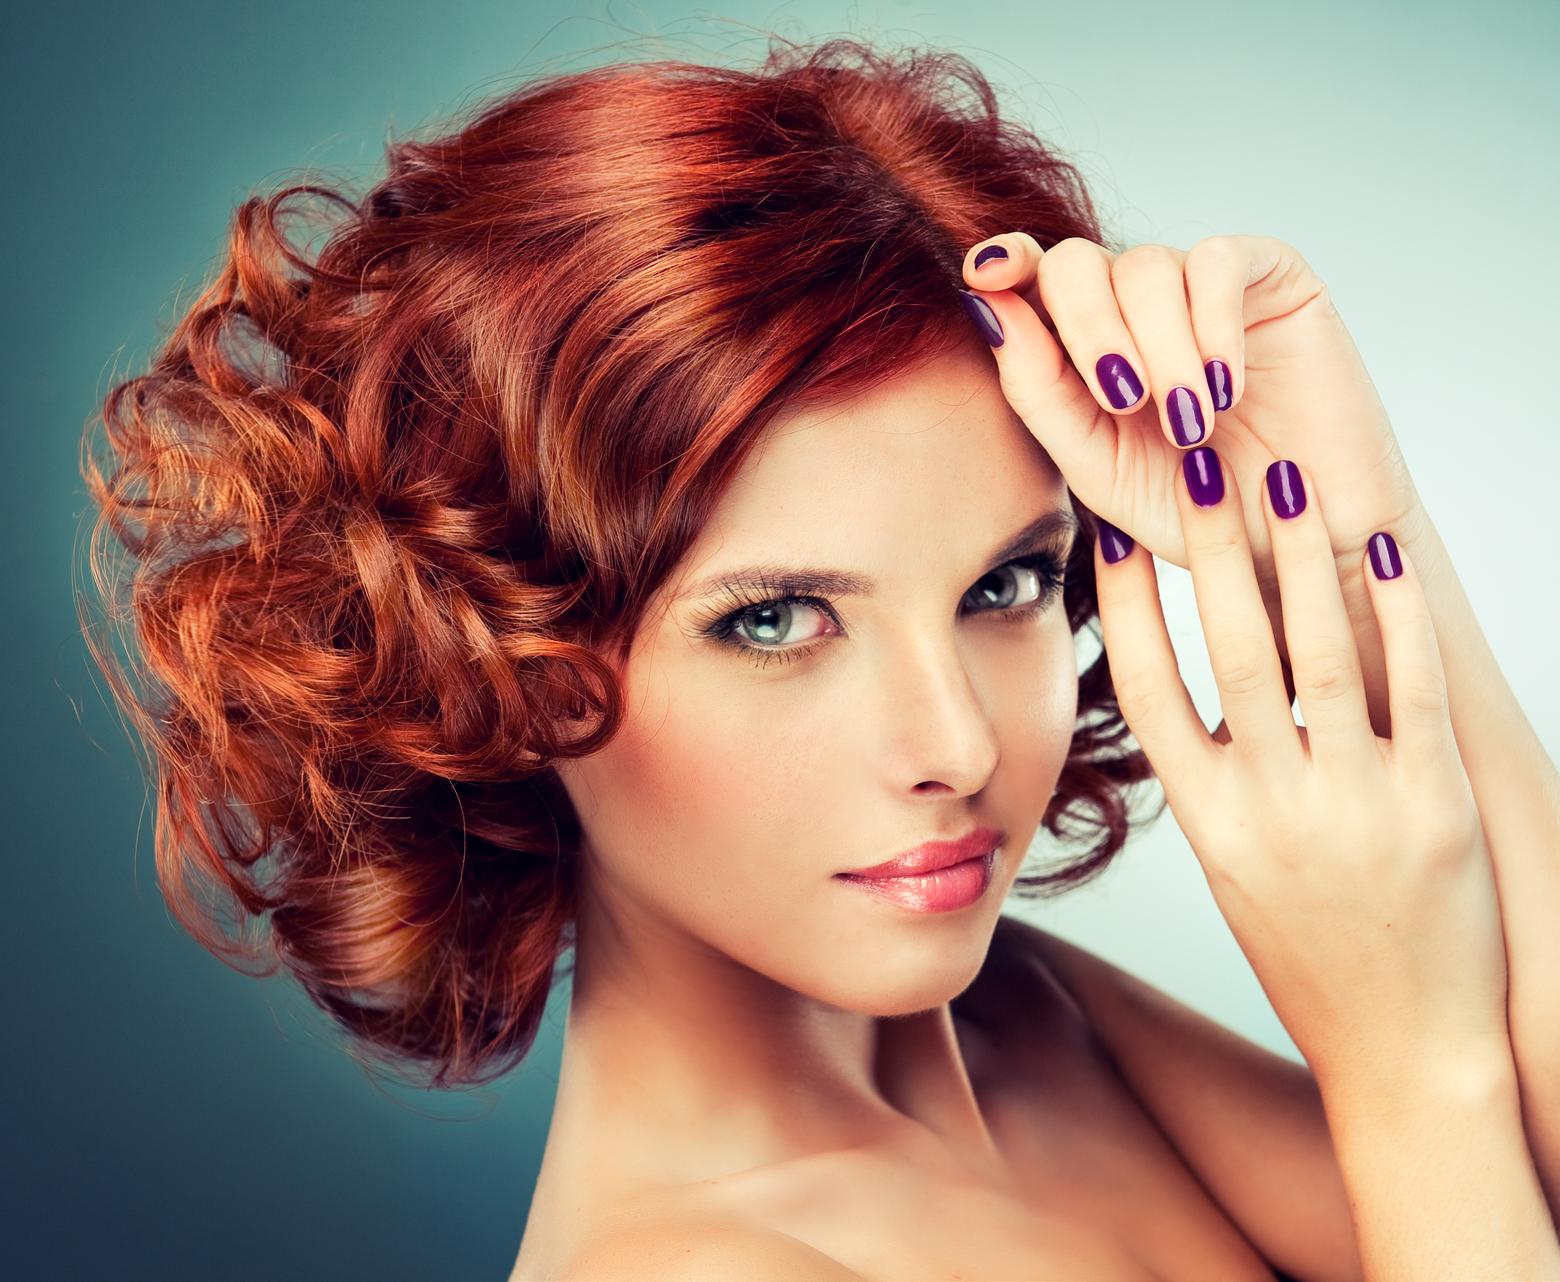 модные тенденции 2010-маникюр, педикюр макияж, прически, стрижки